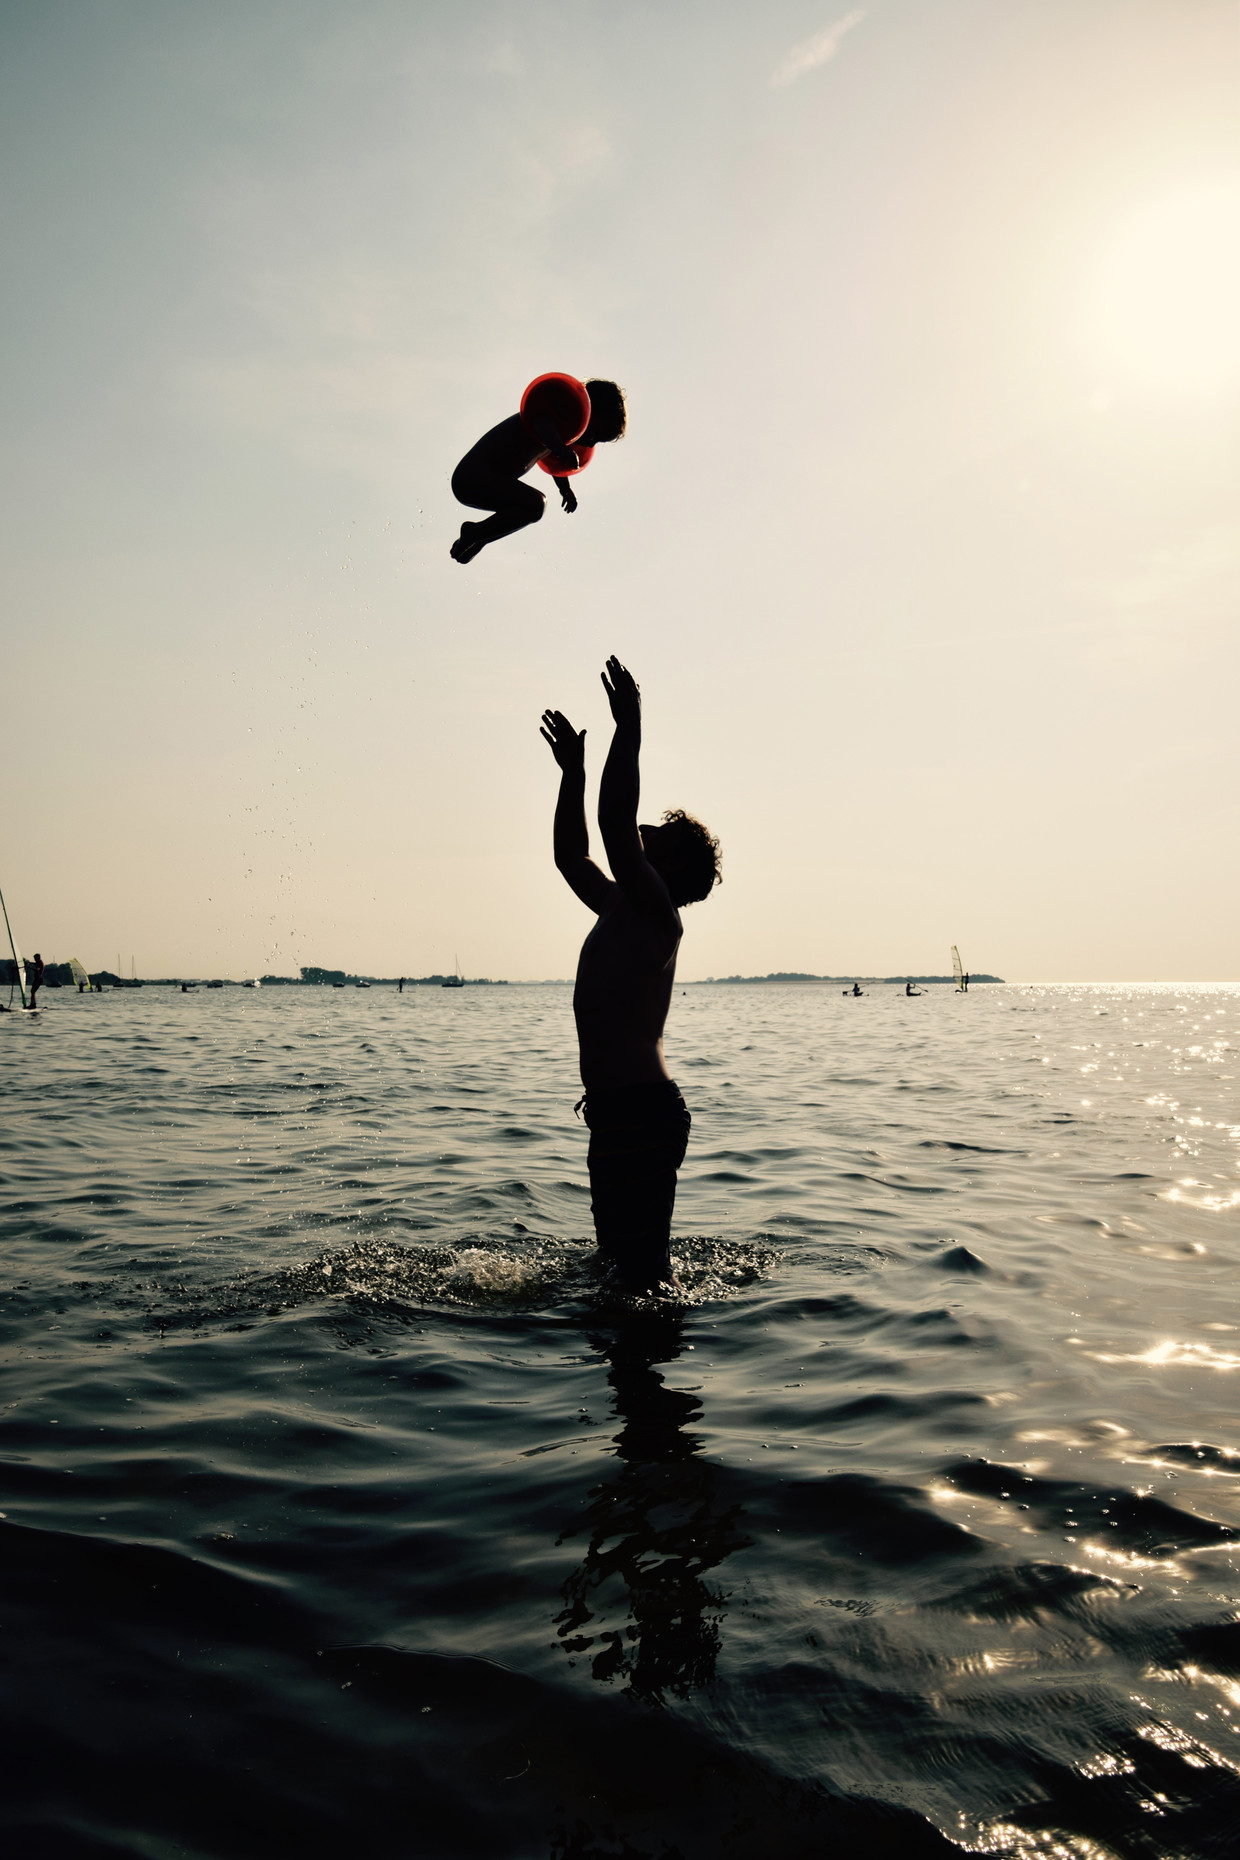 Een vader met zijn kind in de zee.